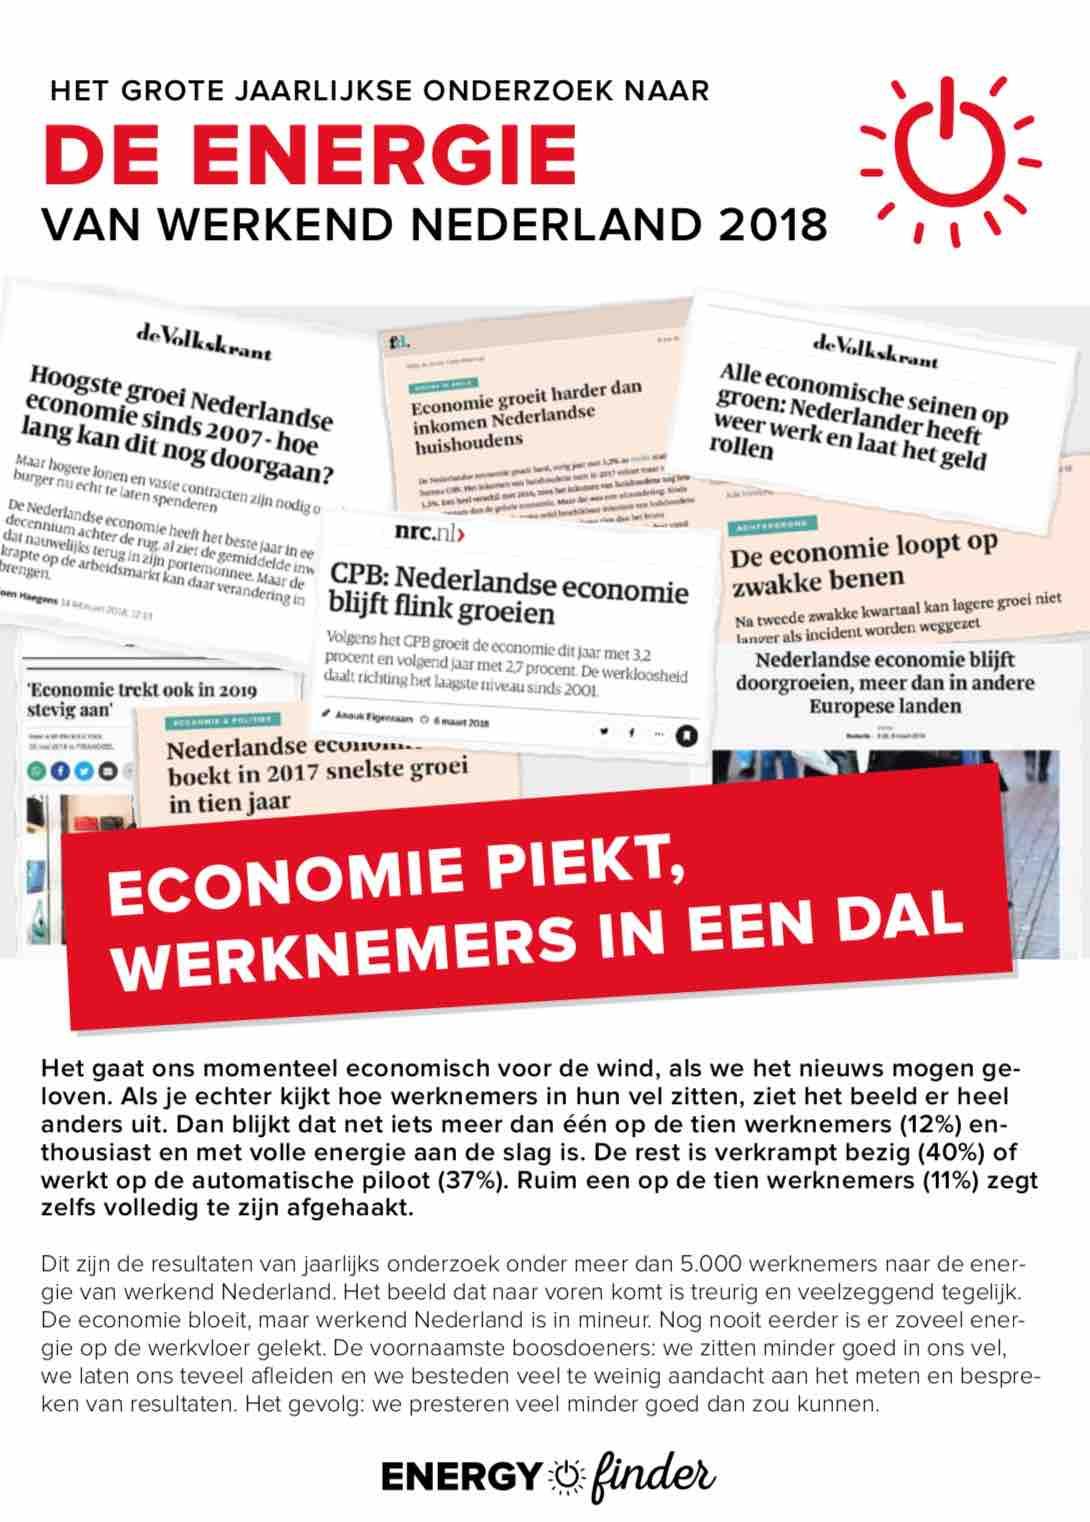 Waar krijgt werkend Nederland energie van? Download het whitepaper